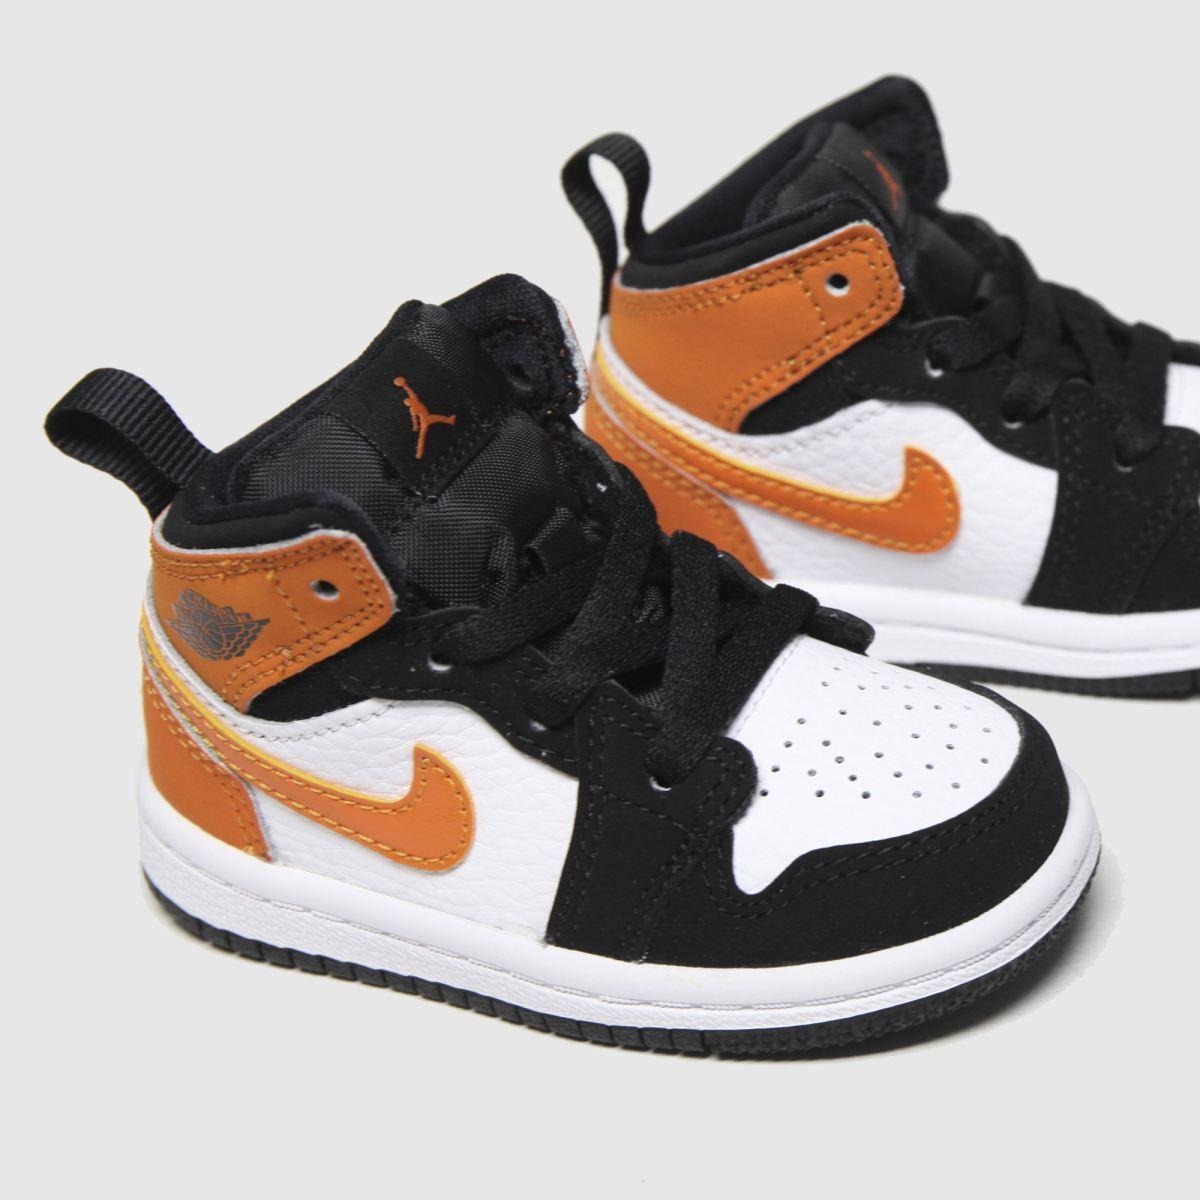 nike jordan black \u0026 orange air jordan 1